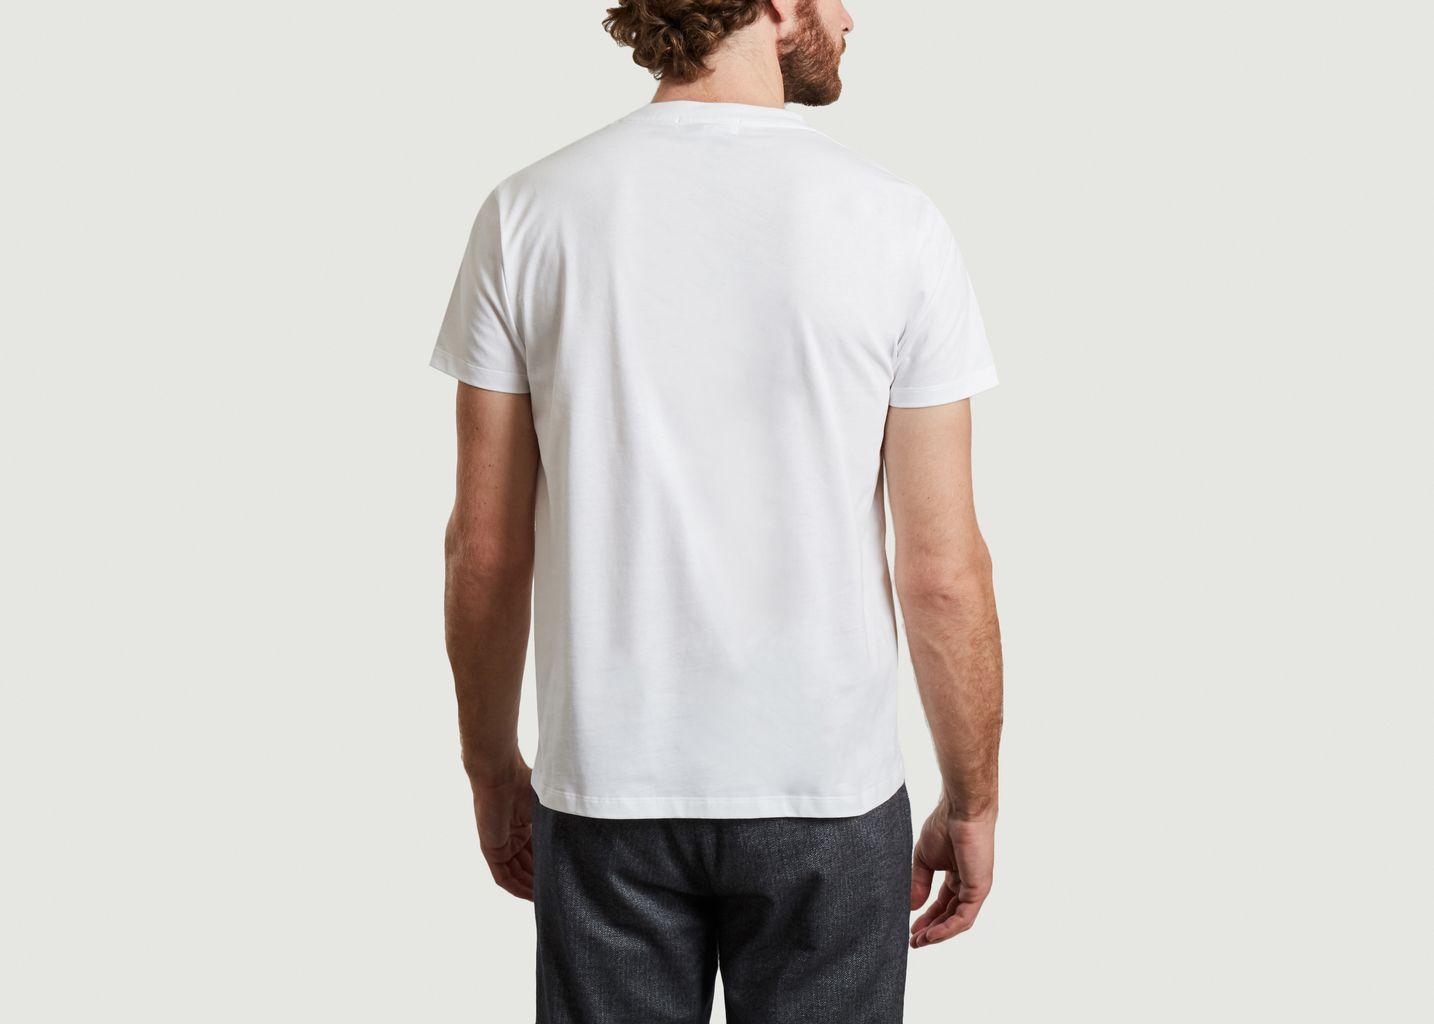 T-shirt en coton bio brodé Amour - Maison Labiche